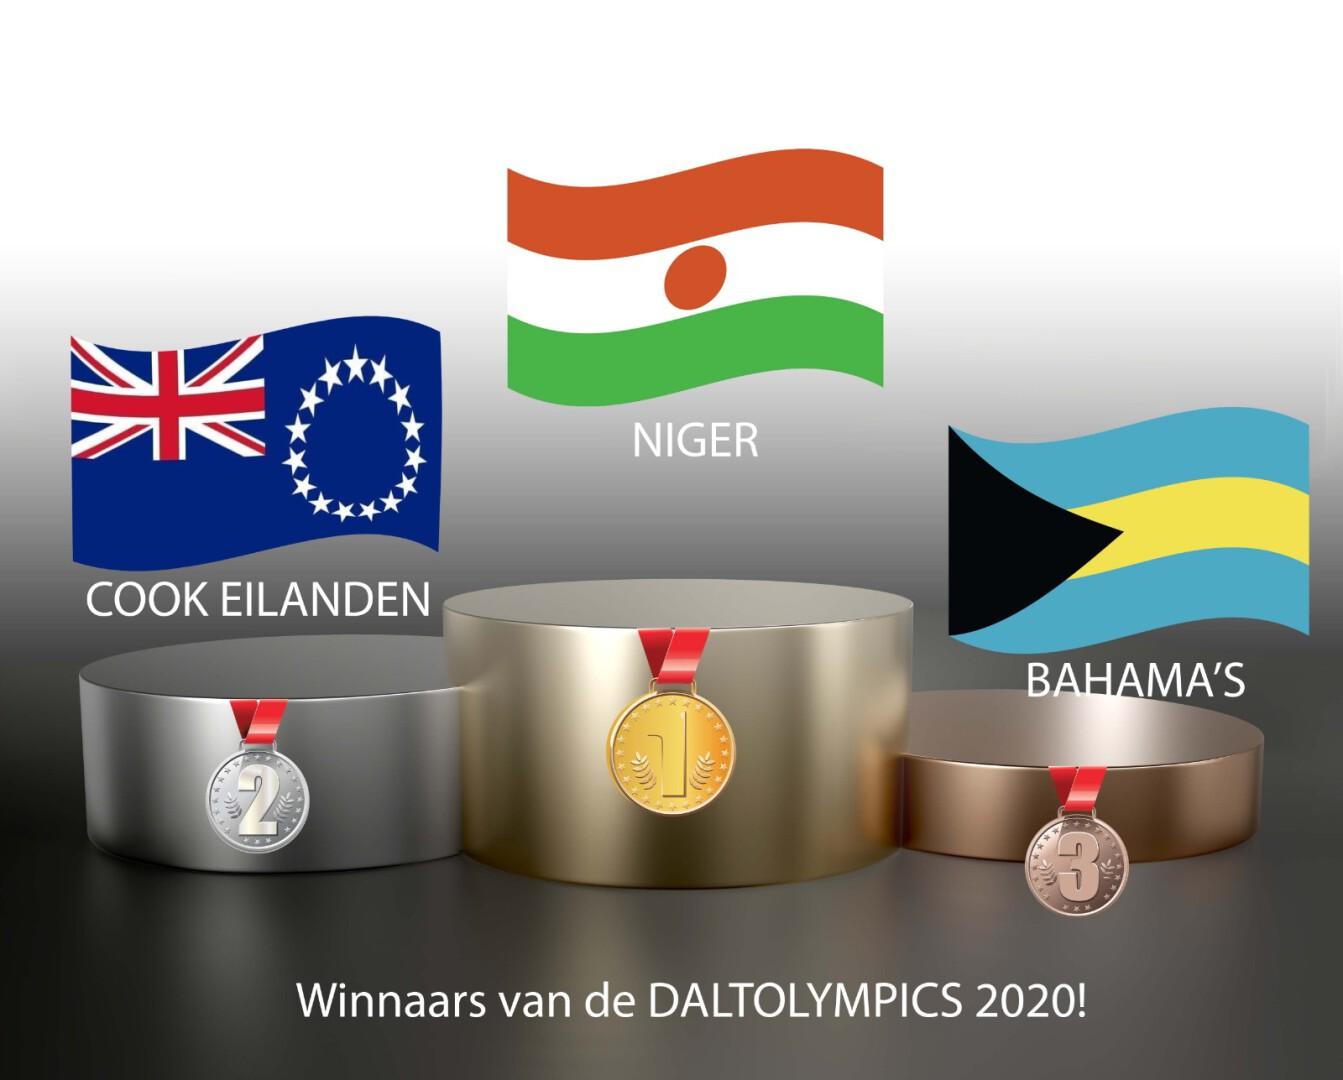 Winnaars Daltolympics